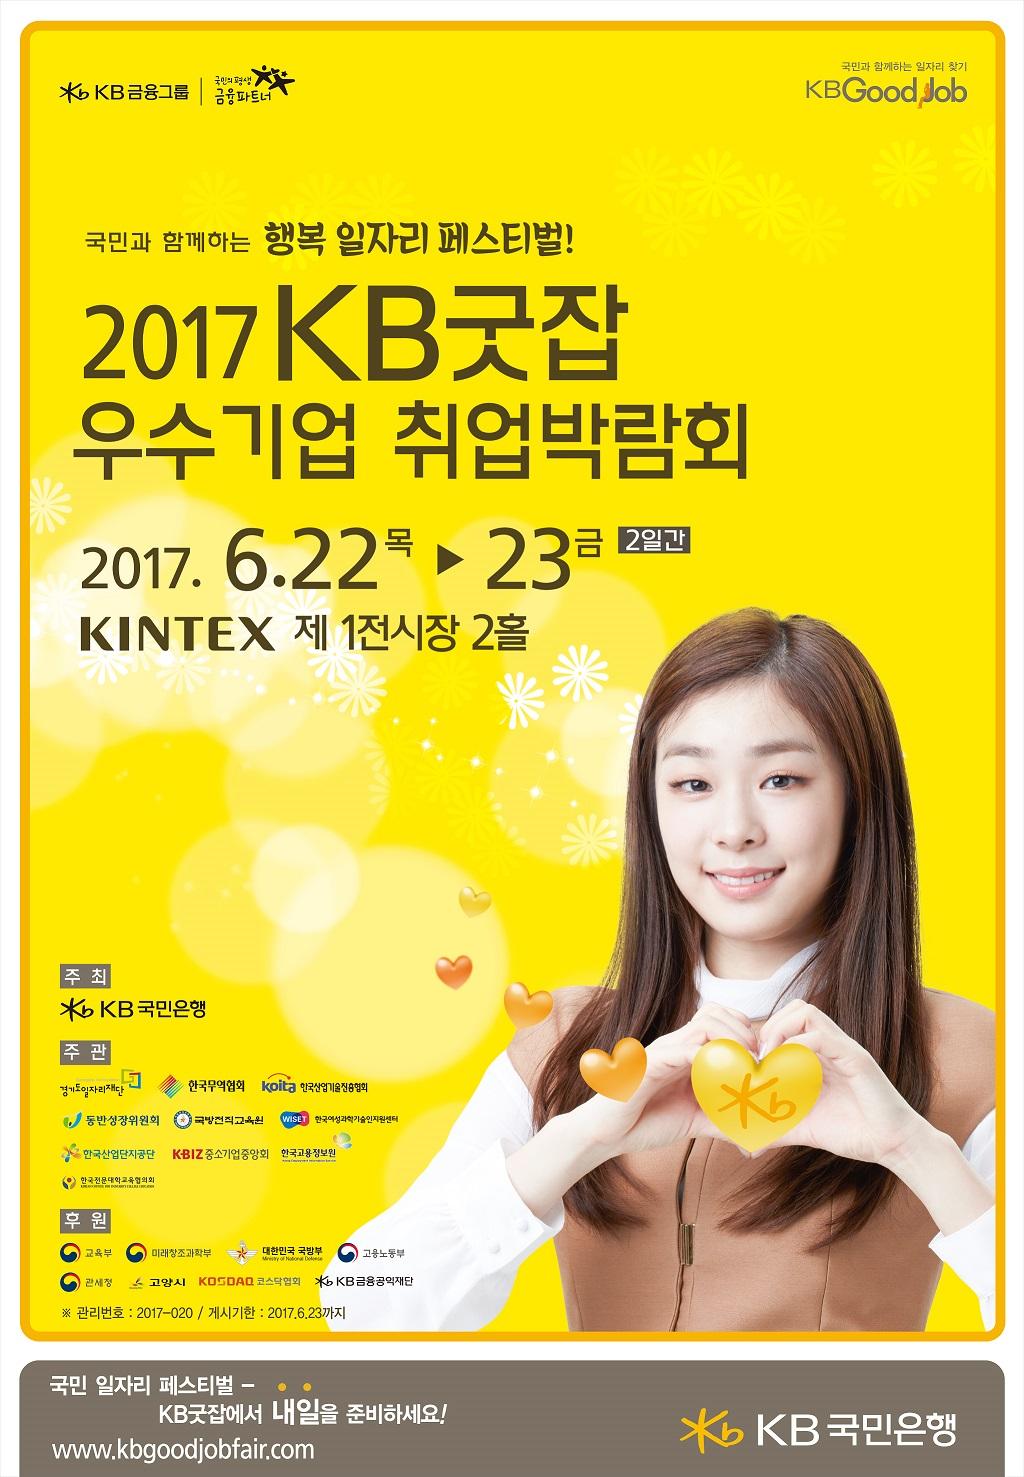 2017 KB굿잡 우수기업 취업박람회